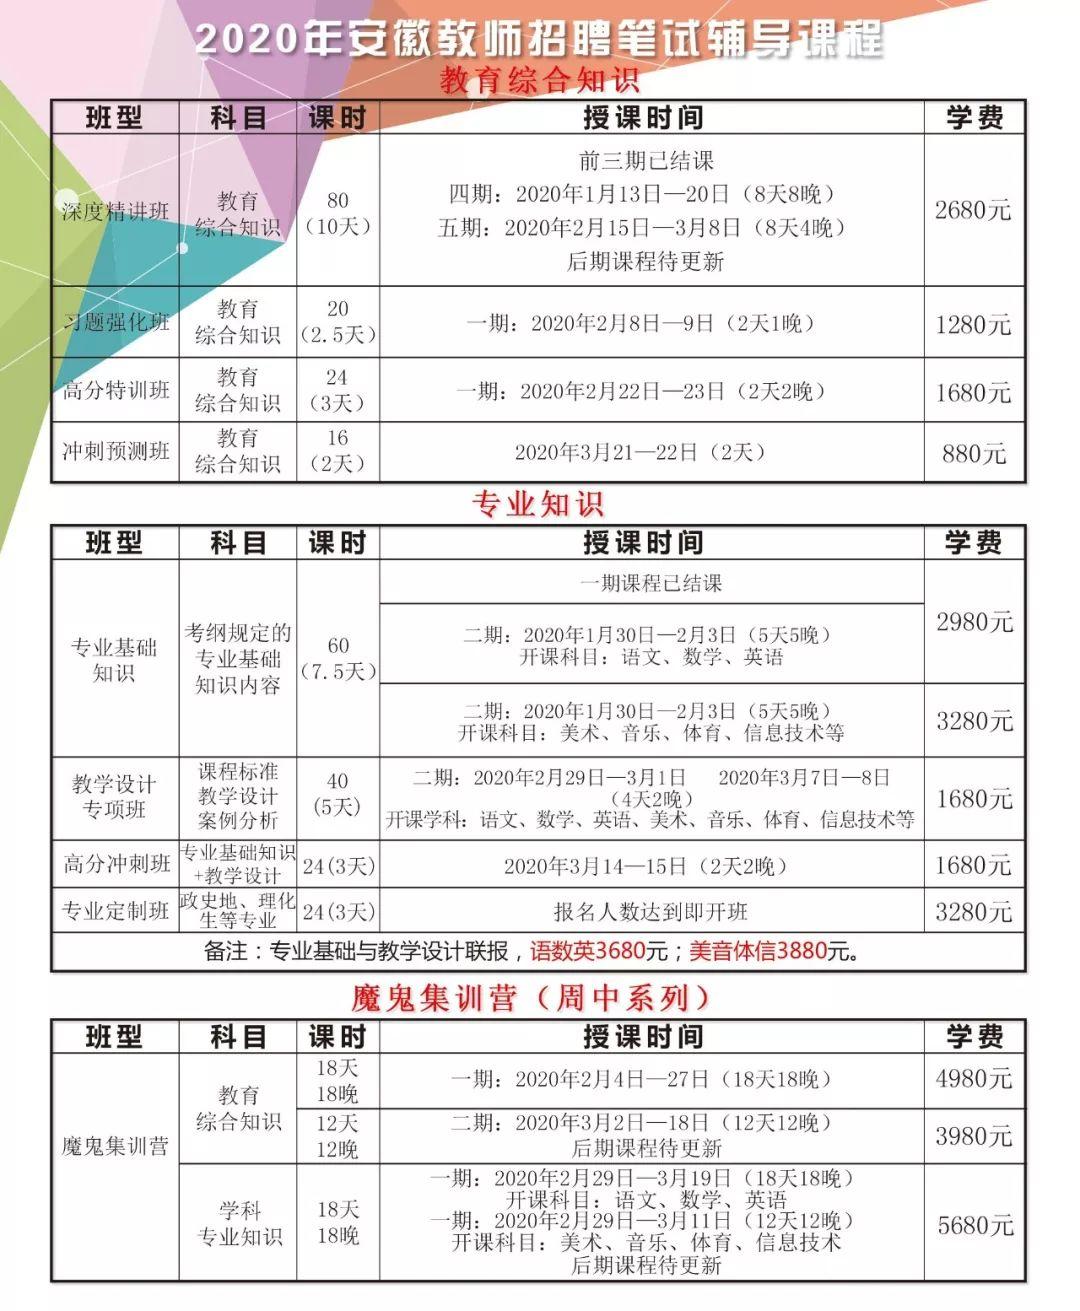 岗位空缺   蚌埠第二中学公开招聘高层次优秀教师6人公告